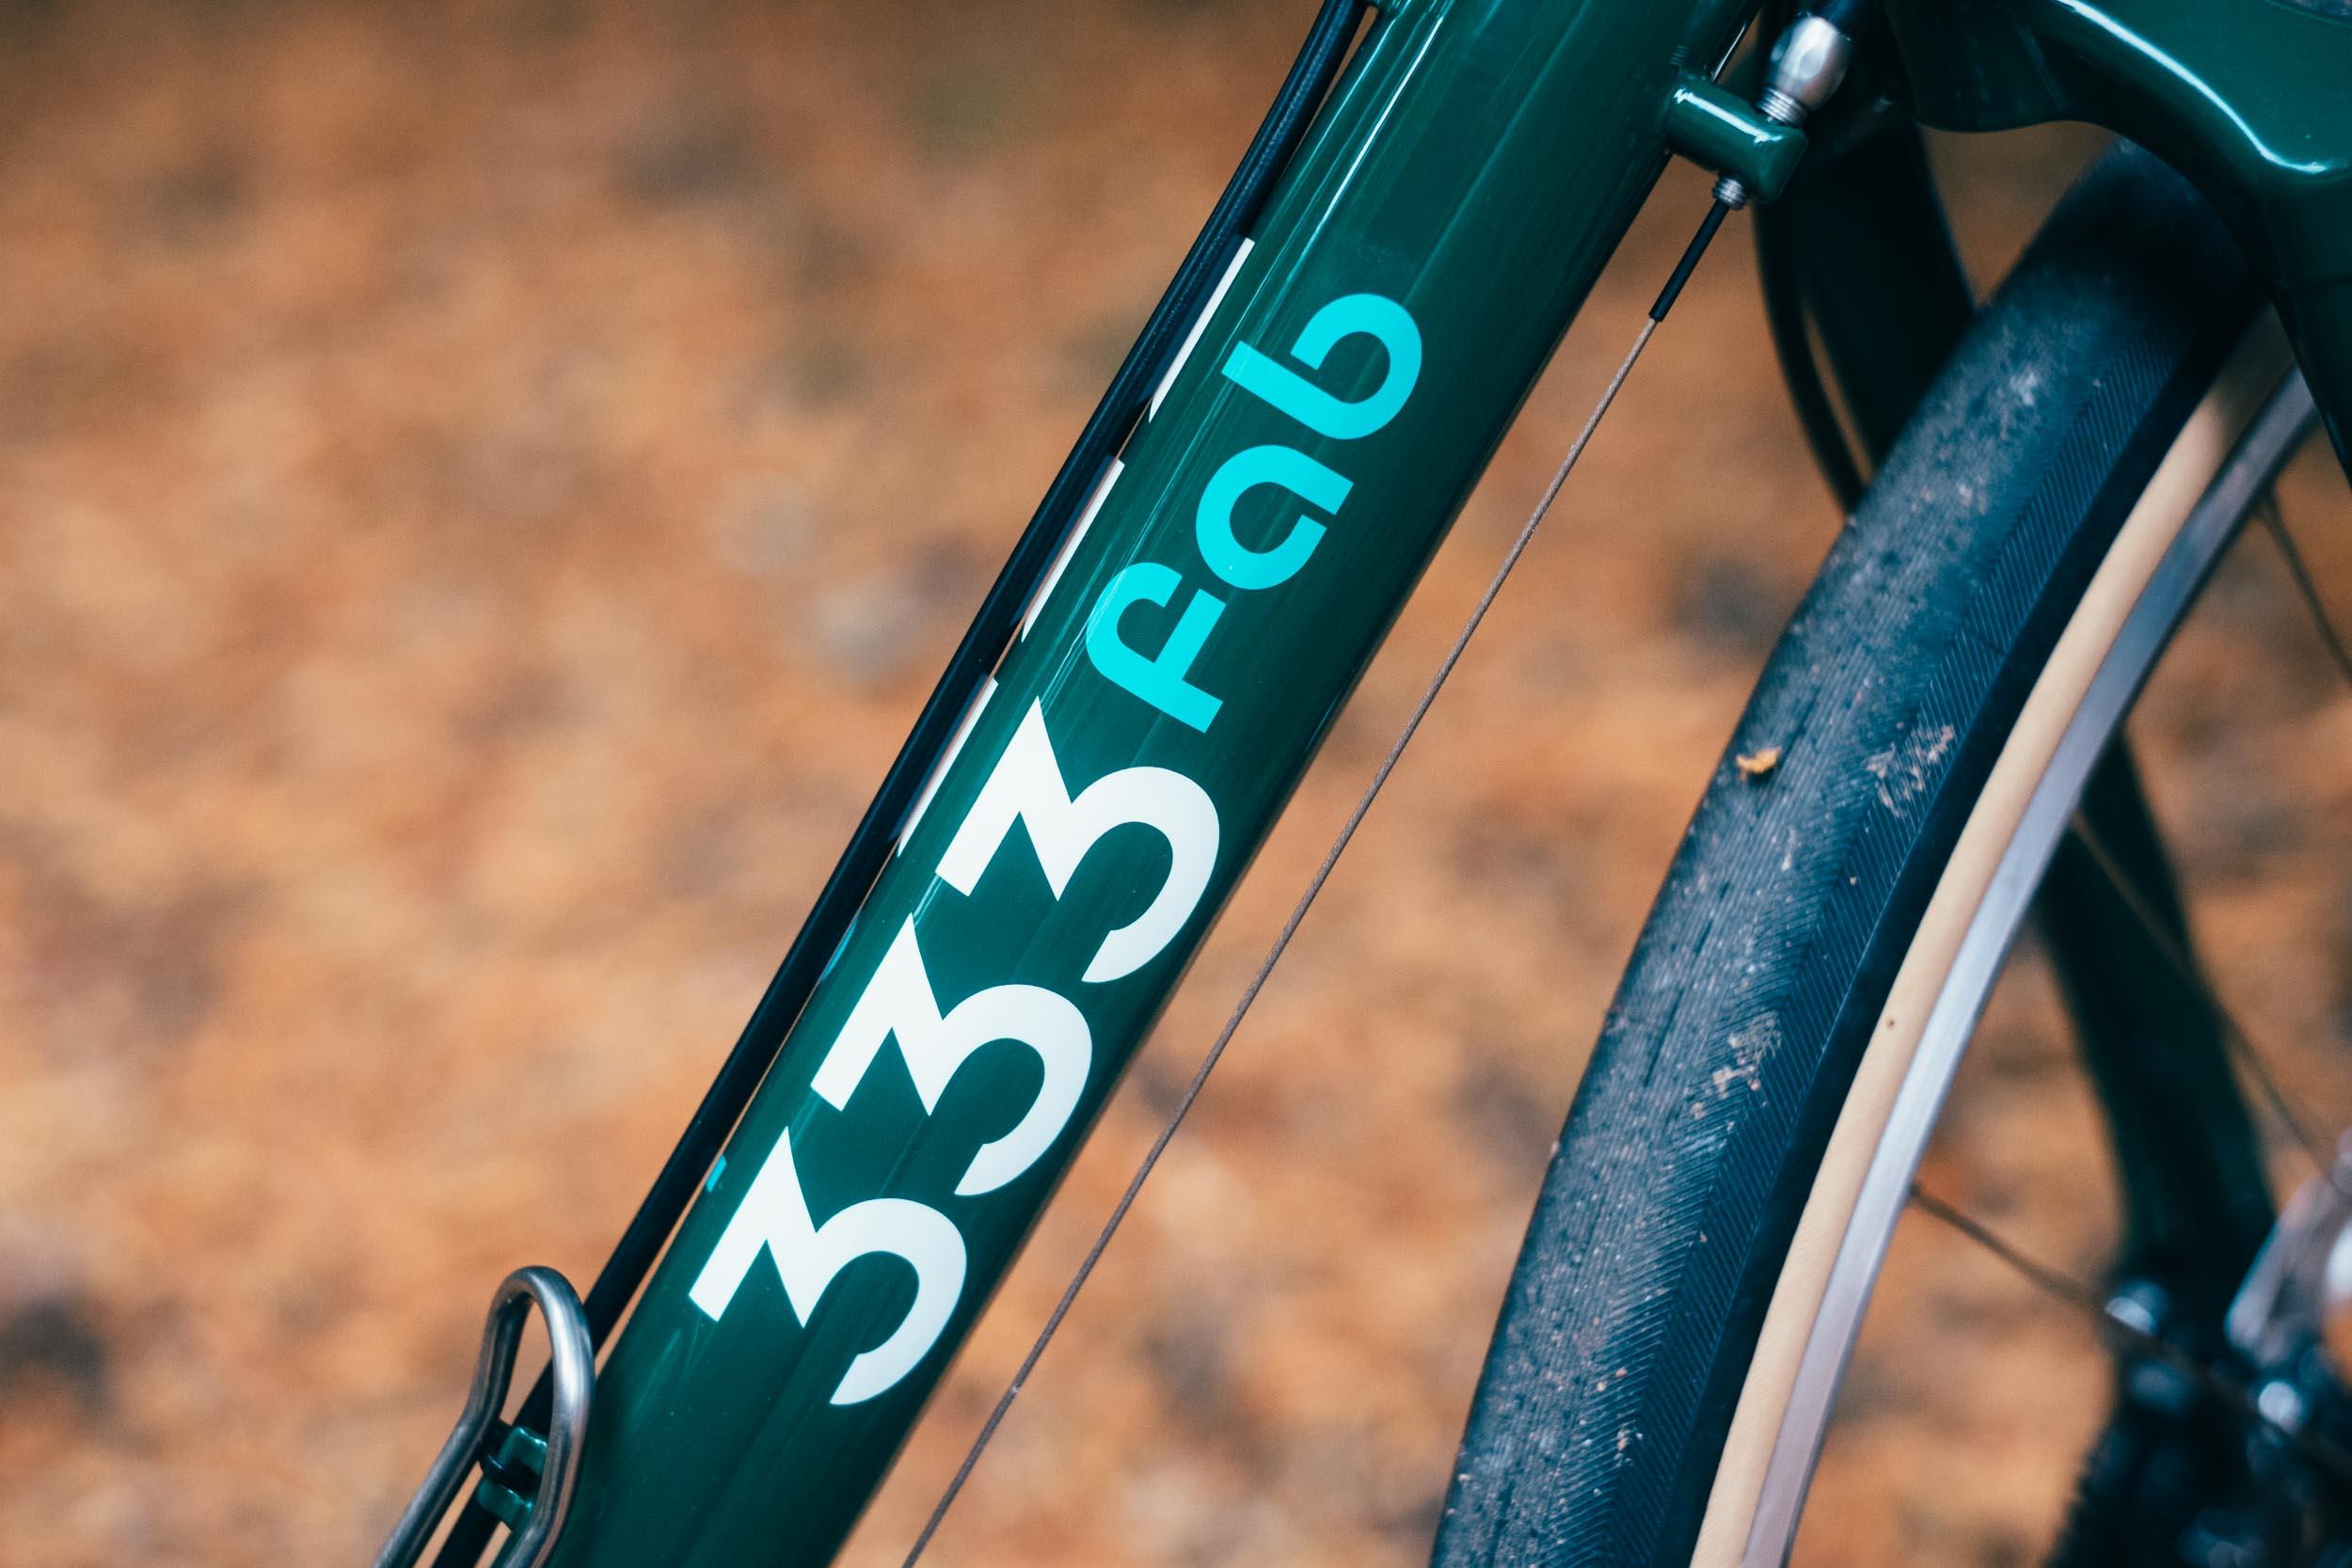 DSCF0958.jpg